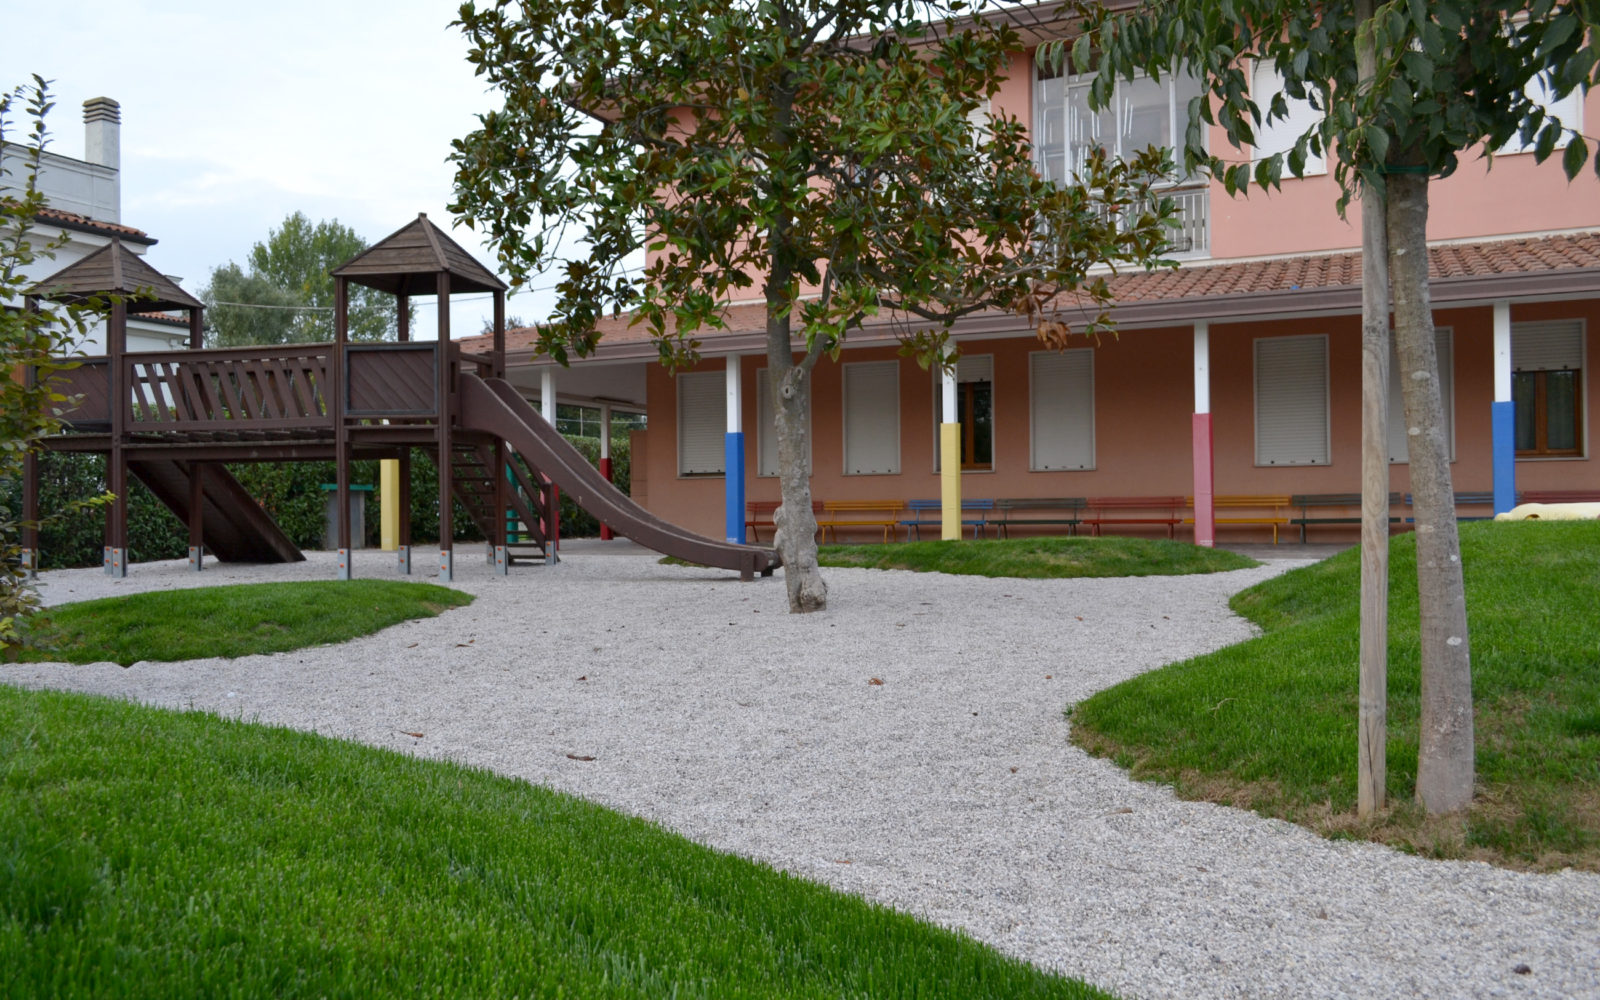 giardino ludico della scuola materna Pio X a Lancenigo di Villorba - 8